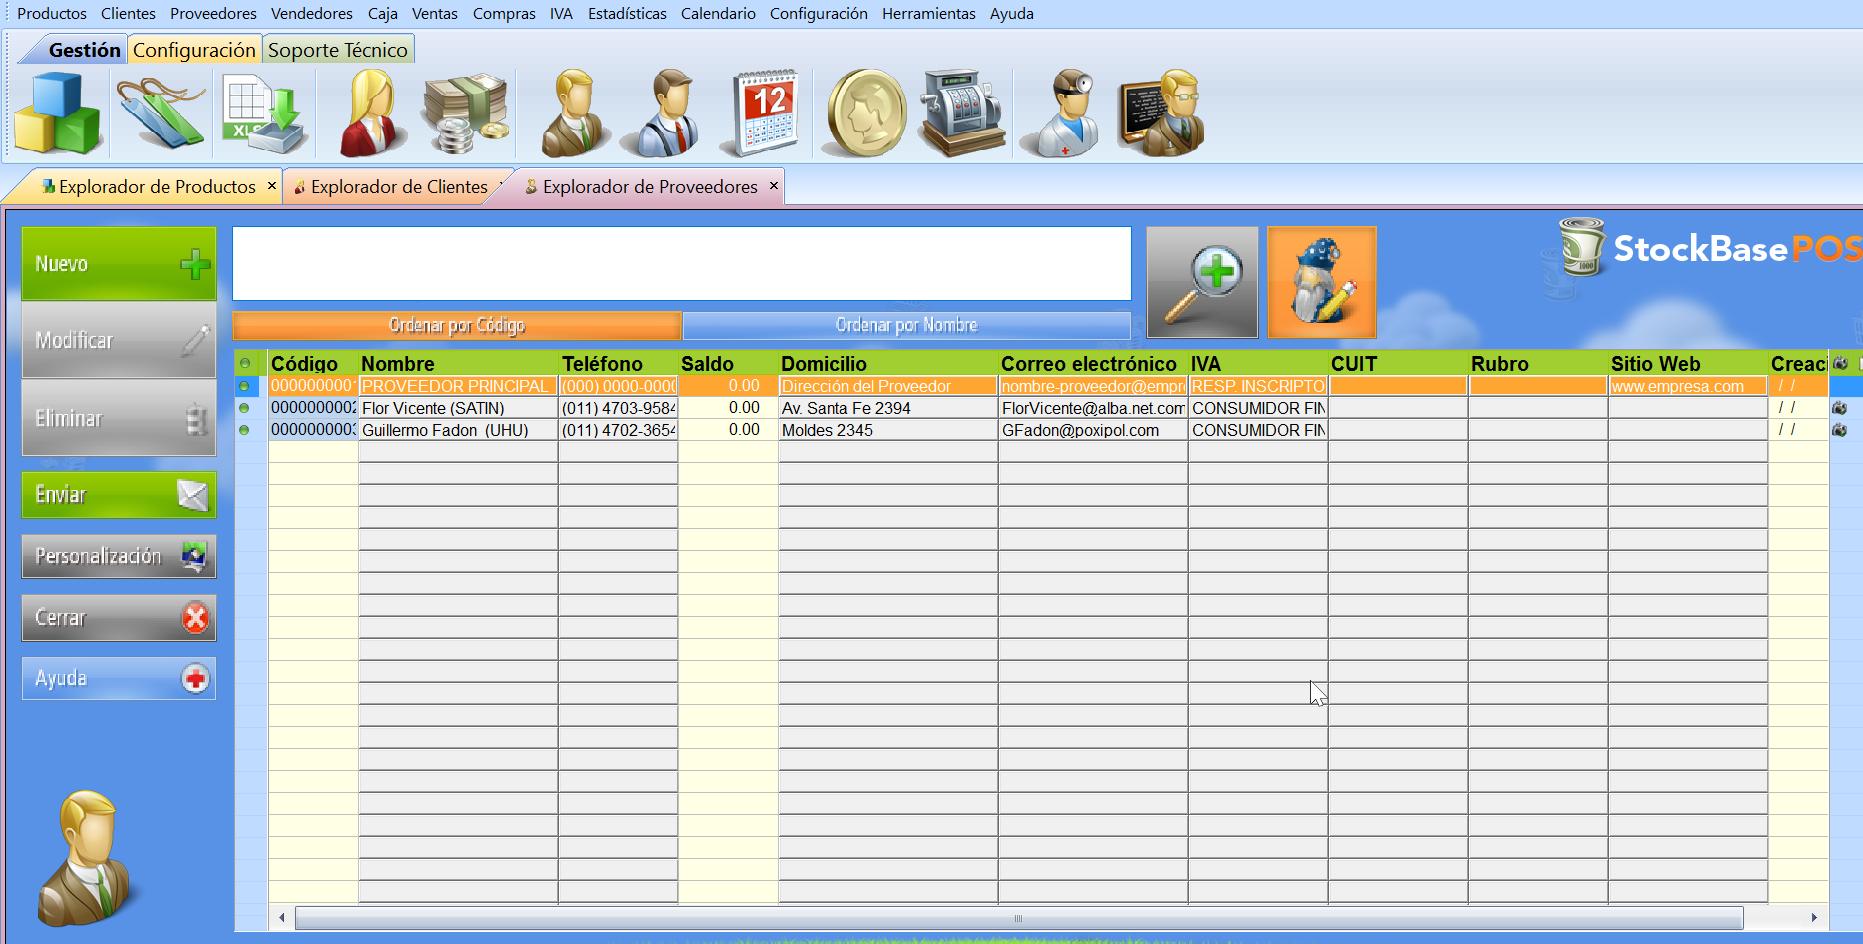 configuracion de la interfaz modo imperio software de gesti贸n